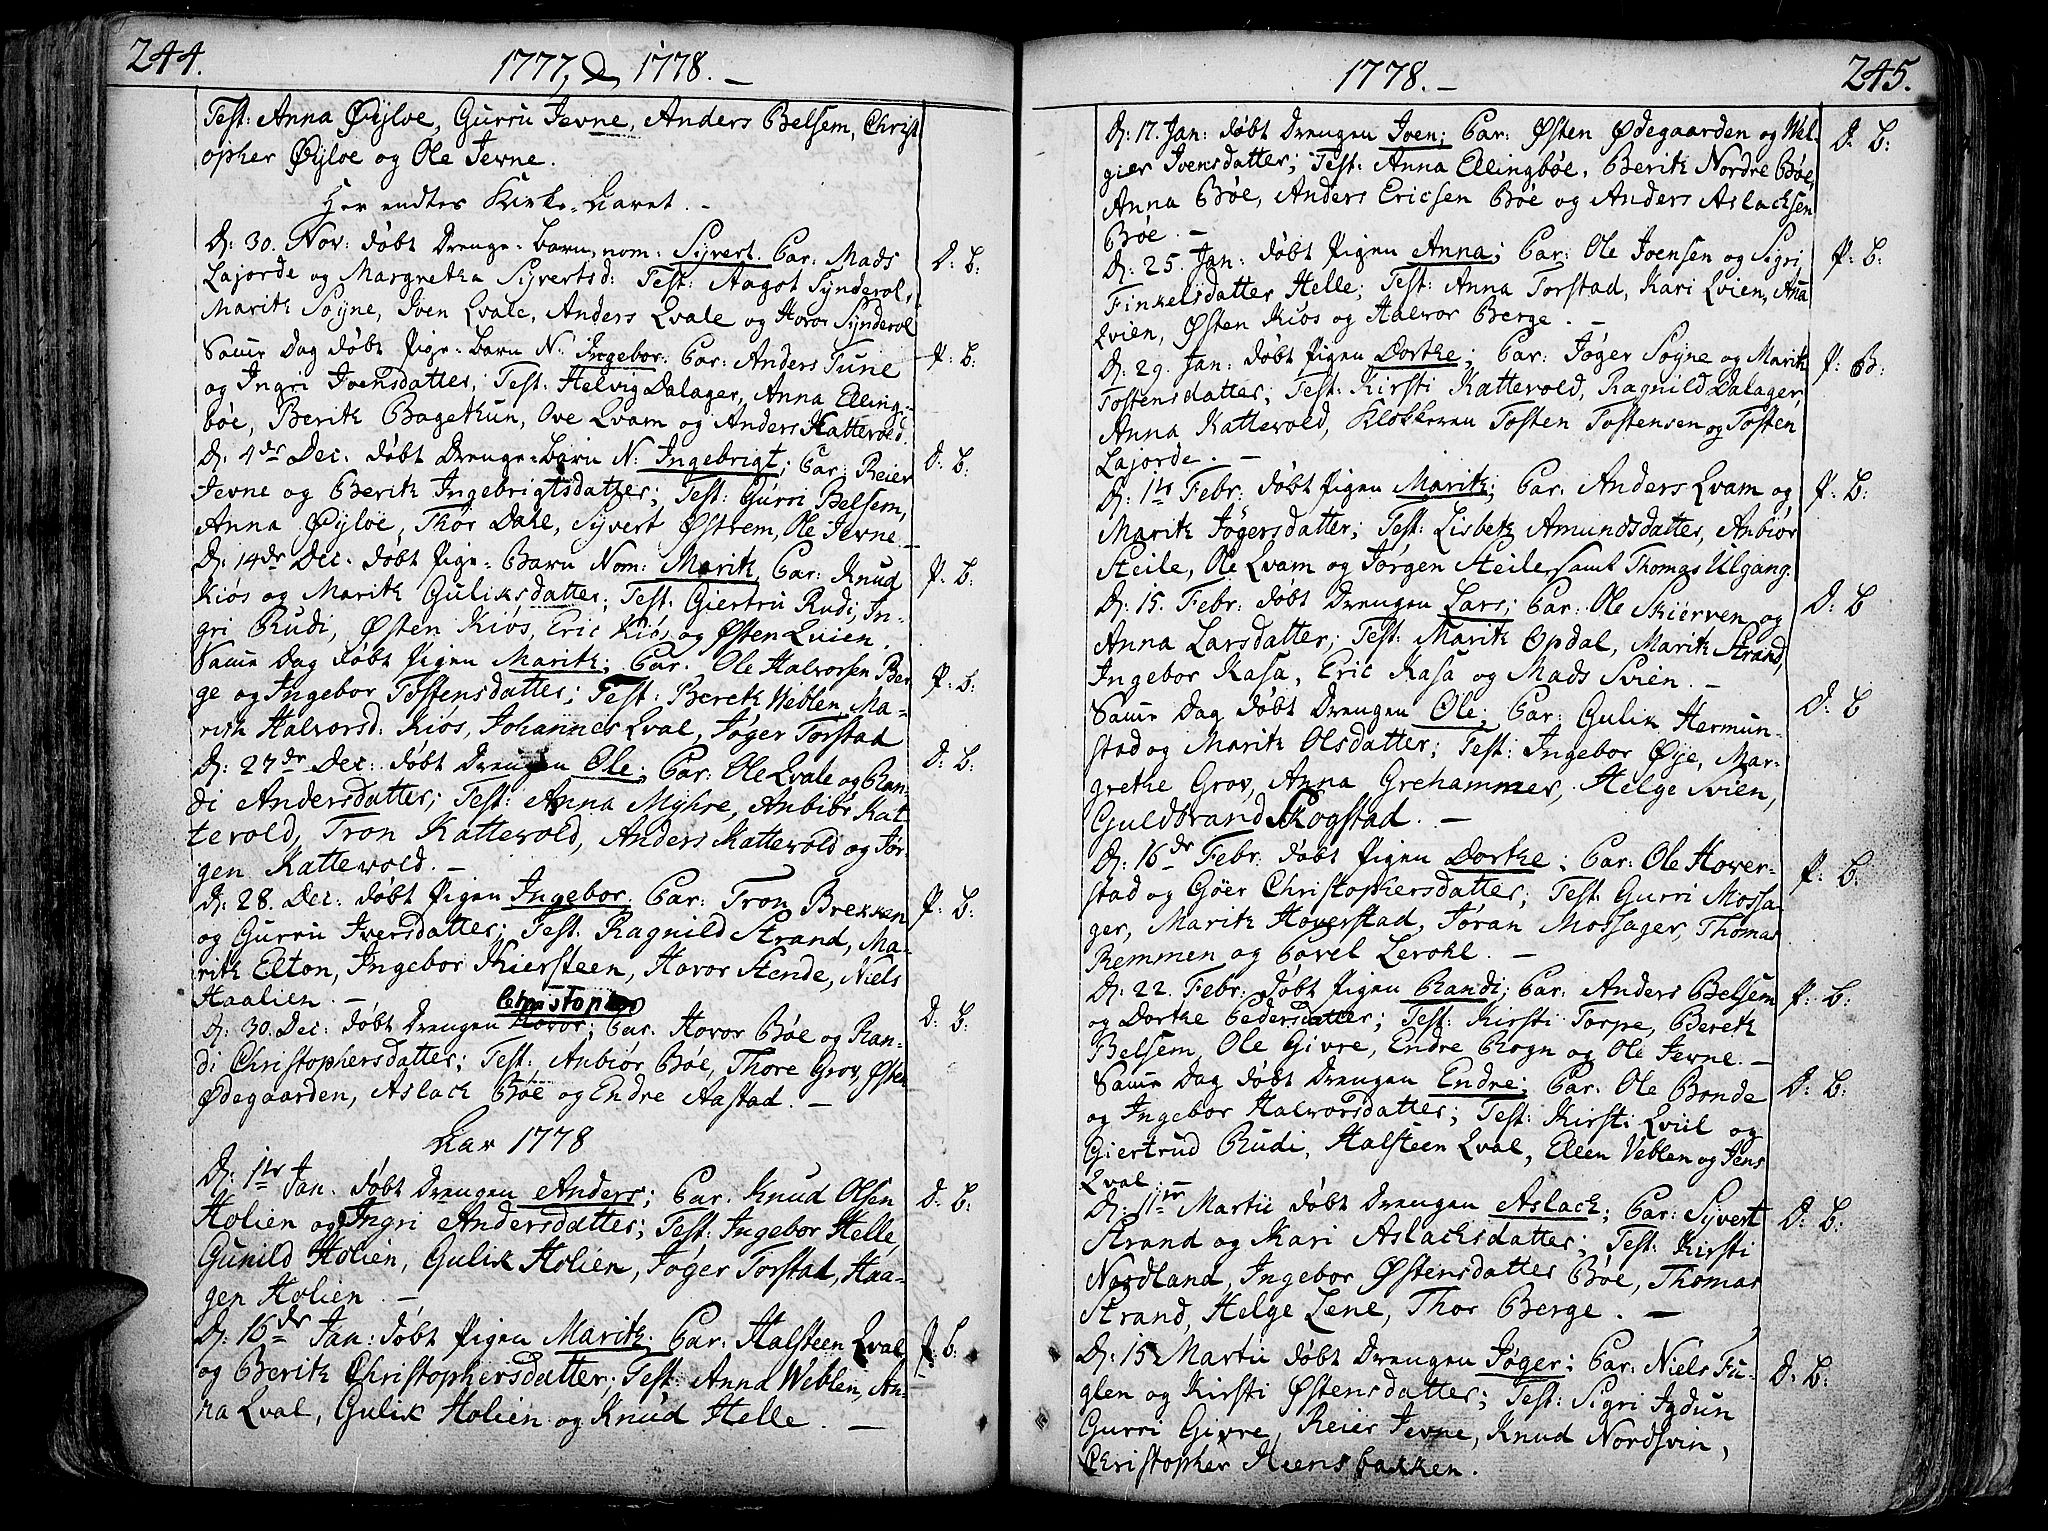 SAH, Vang prestekontor, Valdres, Ministerialbok nr. 1, 1730-1796, s. 244-245